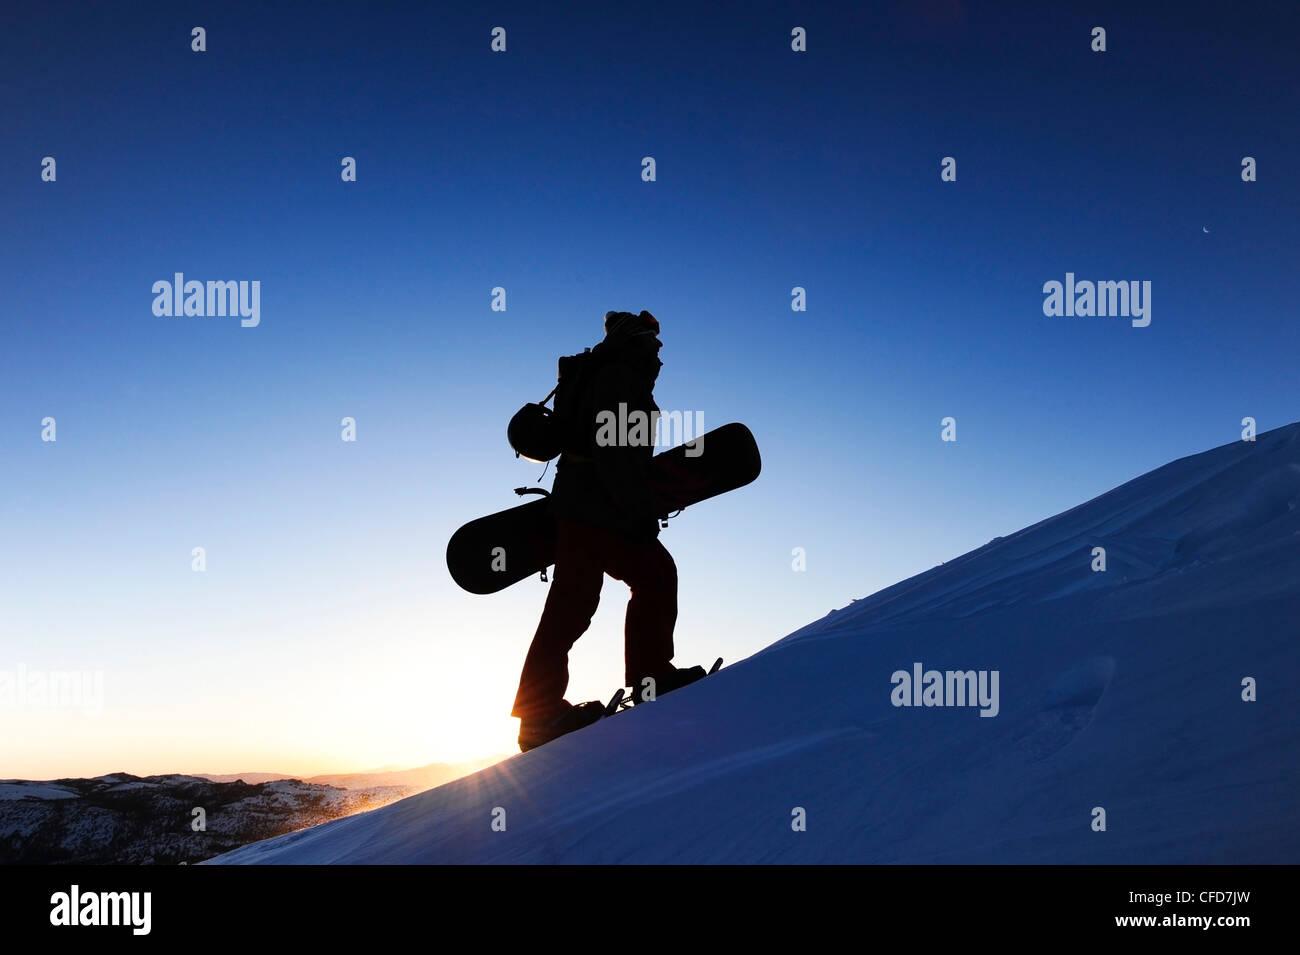 La silhouette d'un planchiste de la raquette au lever du soleil dans la Sierra Nevada, près du lac Tahoe, Photo Stock